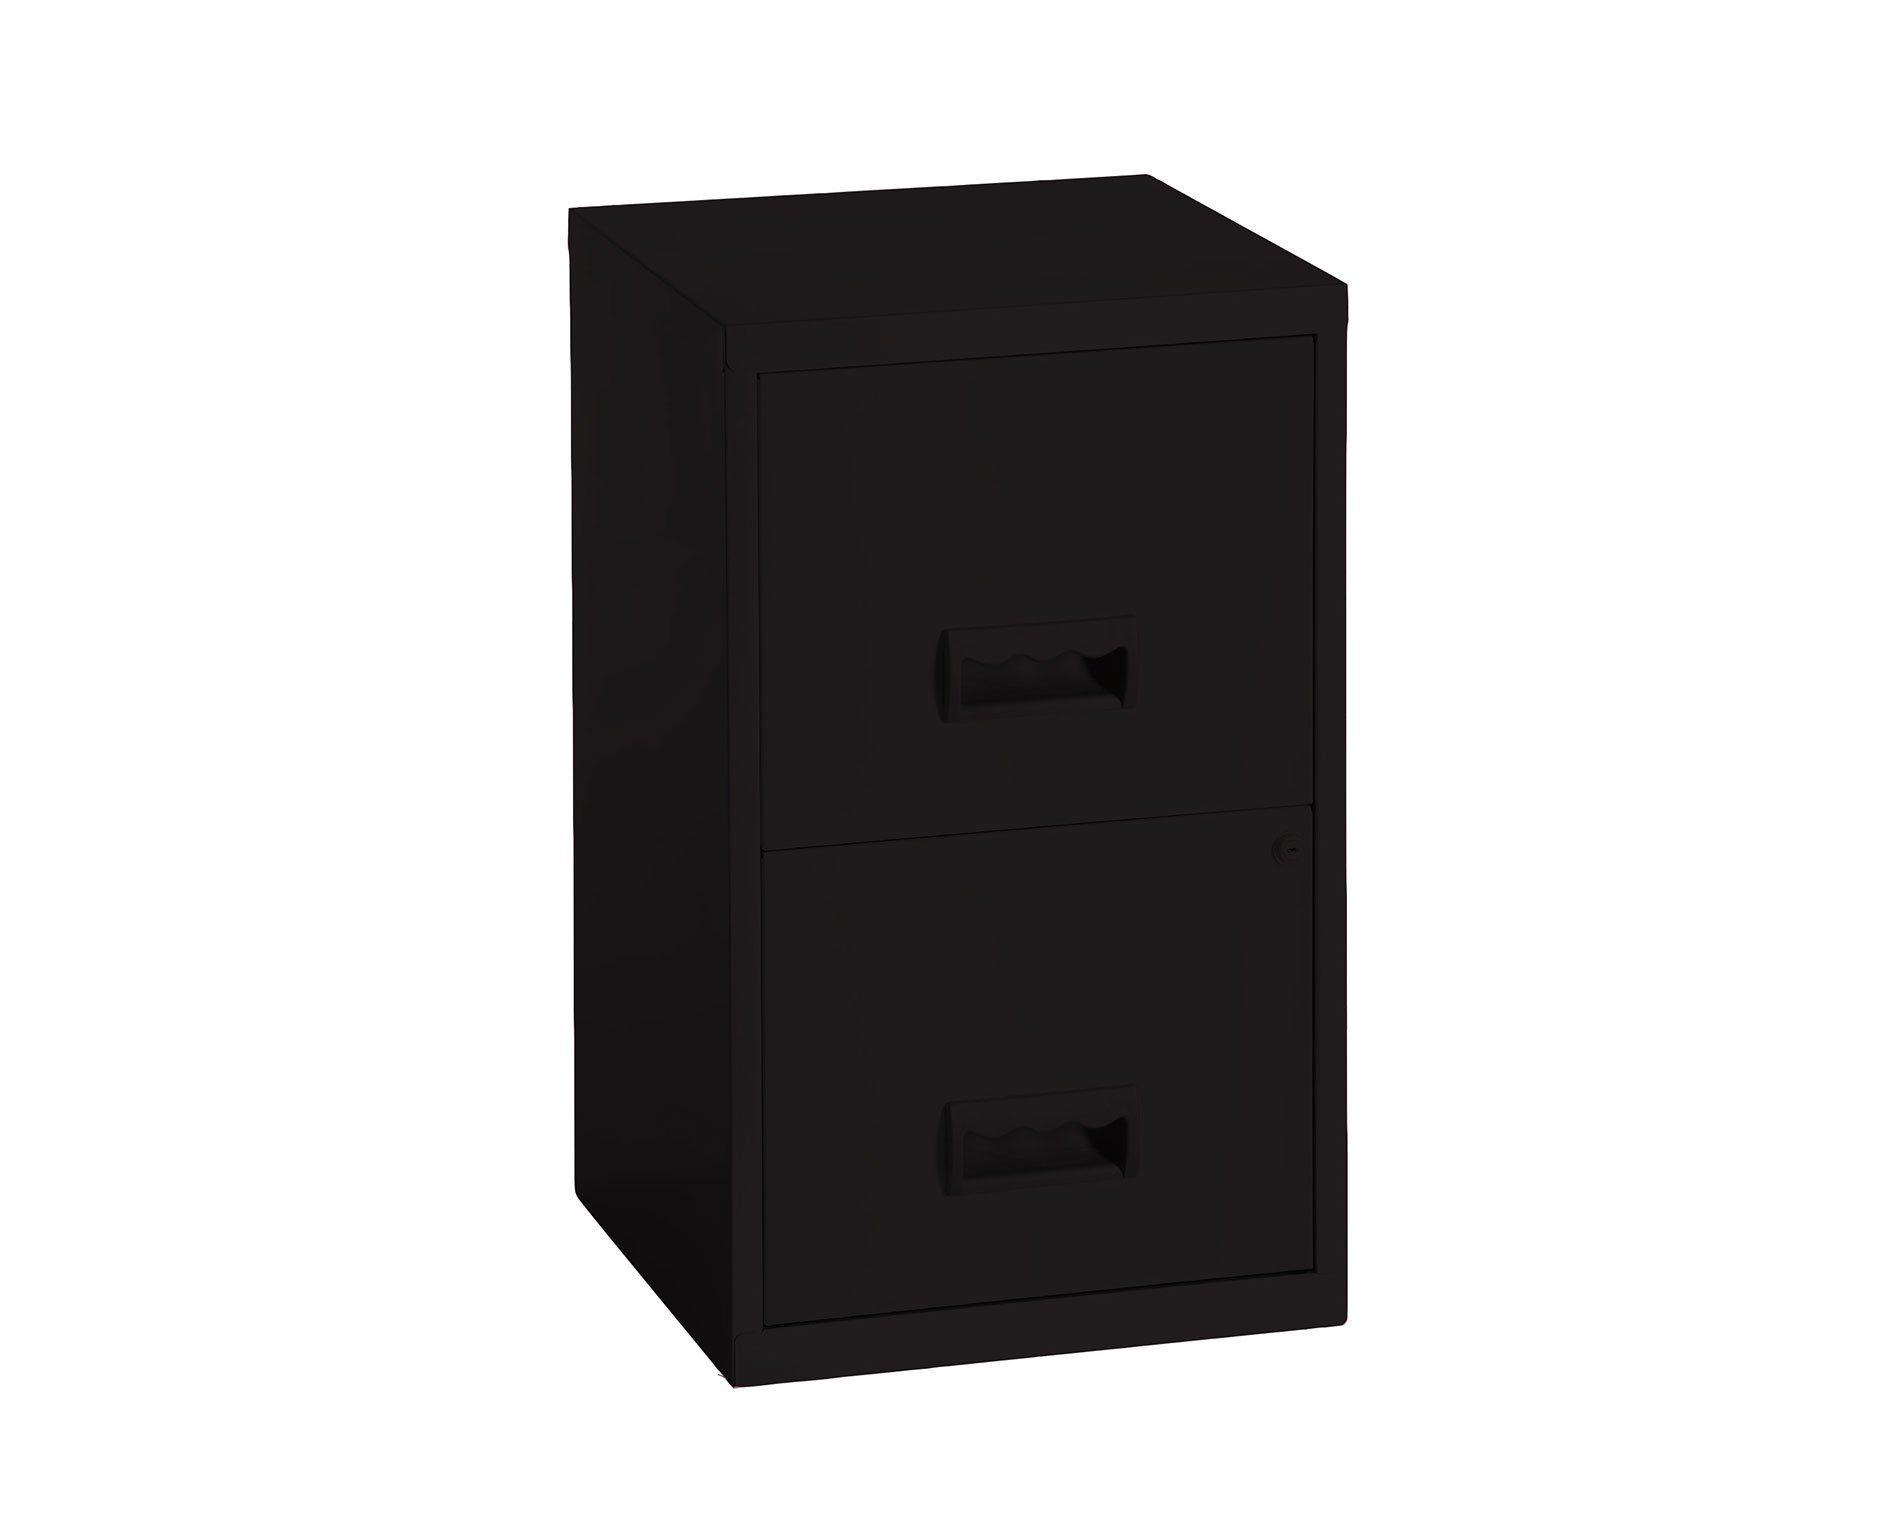 Pierre Henry 771729 Meuble De Rangement Pour Dossiers 2 Tiroirs Couleur Noir In 2020 Filing Cabinet Cabinet Filing Cabinet Storage